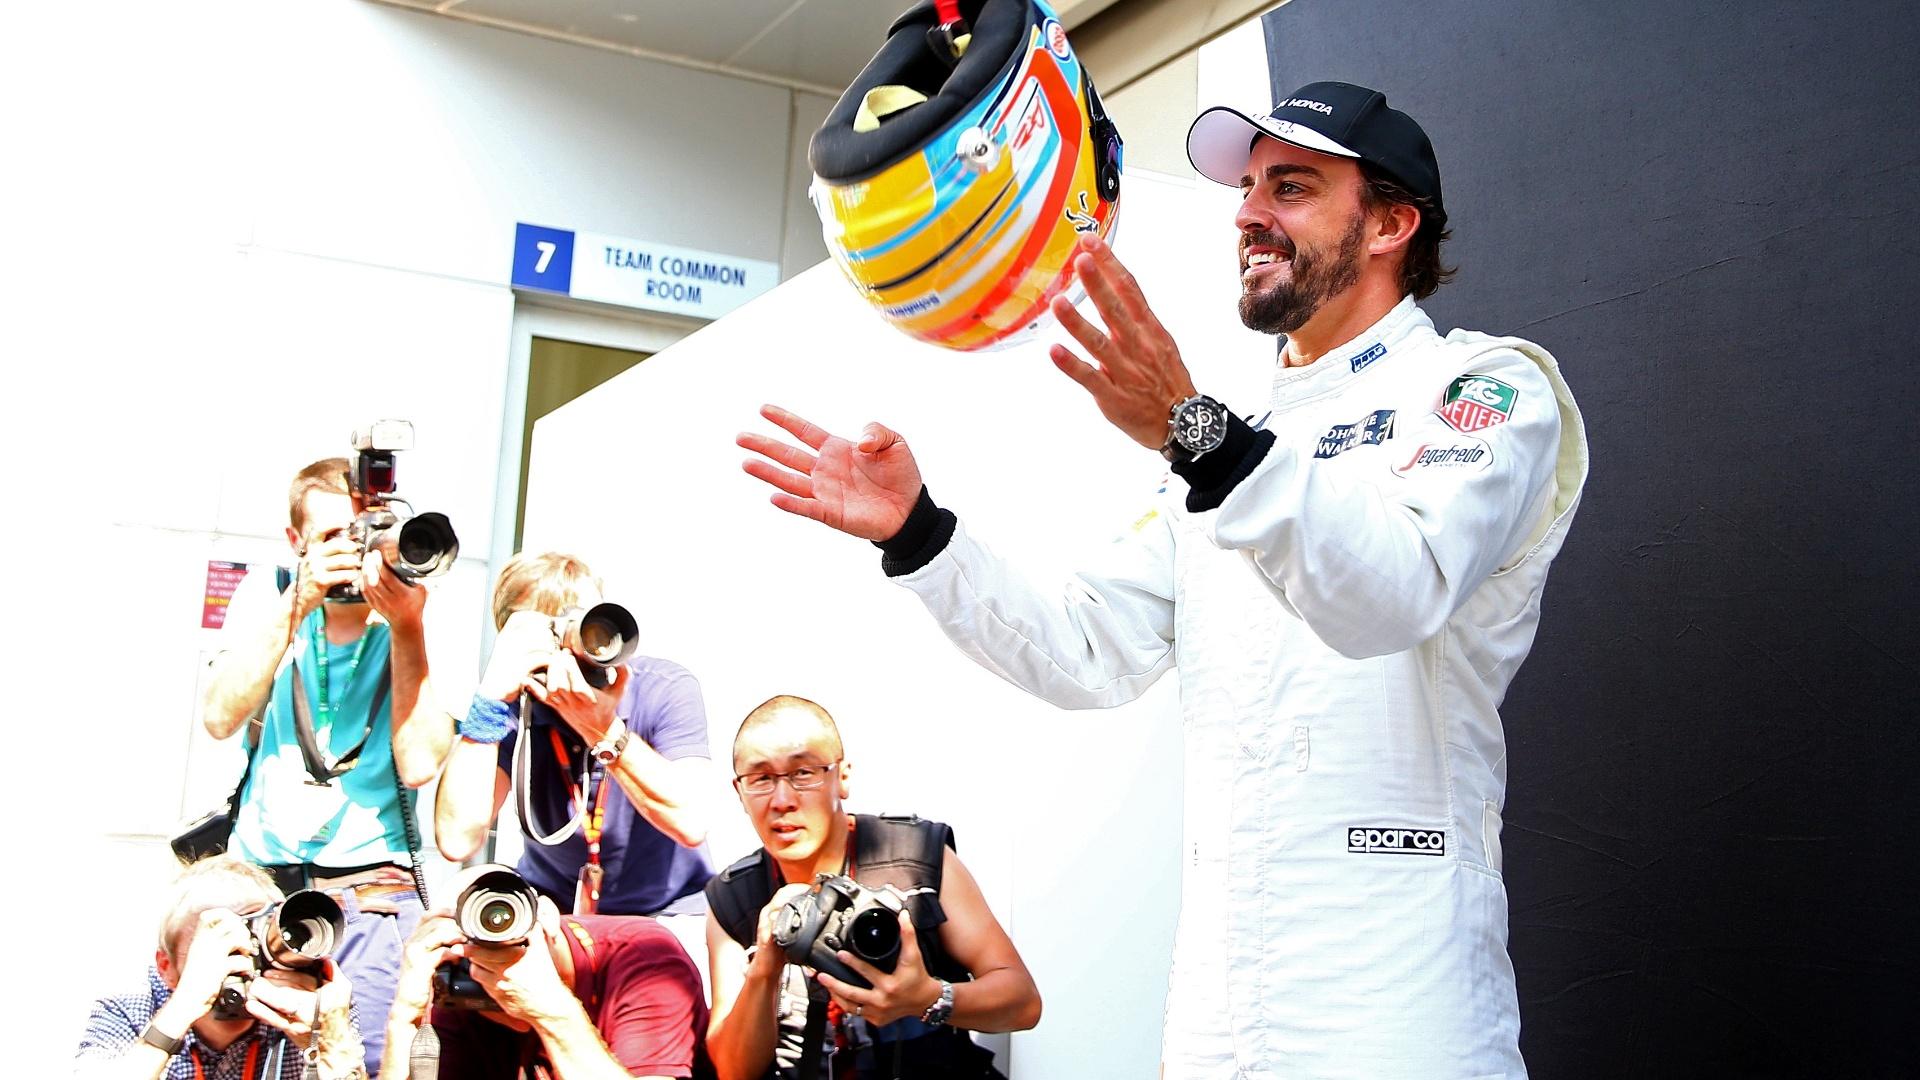 26.mar.2015 - Fernando Alonso brinca com seu capacete nos bastidores do circuito de Sepang, na Malásia